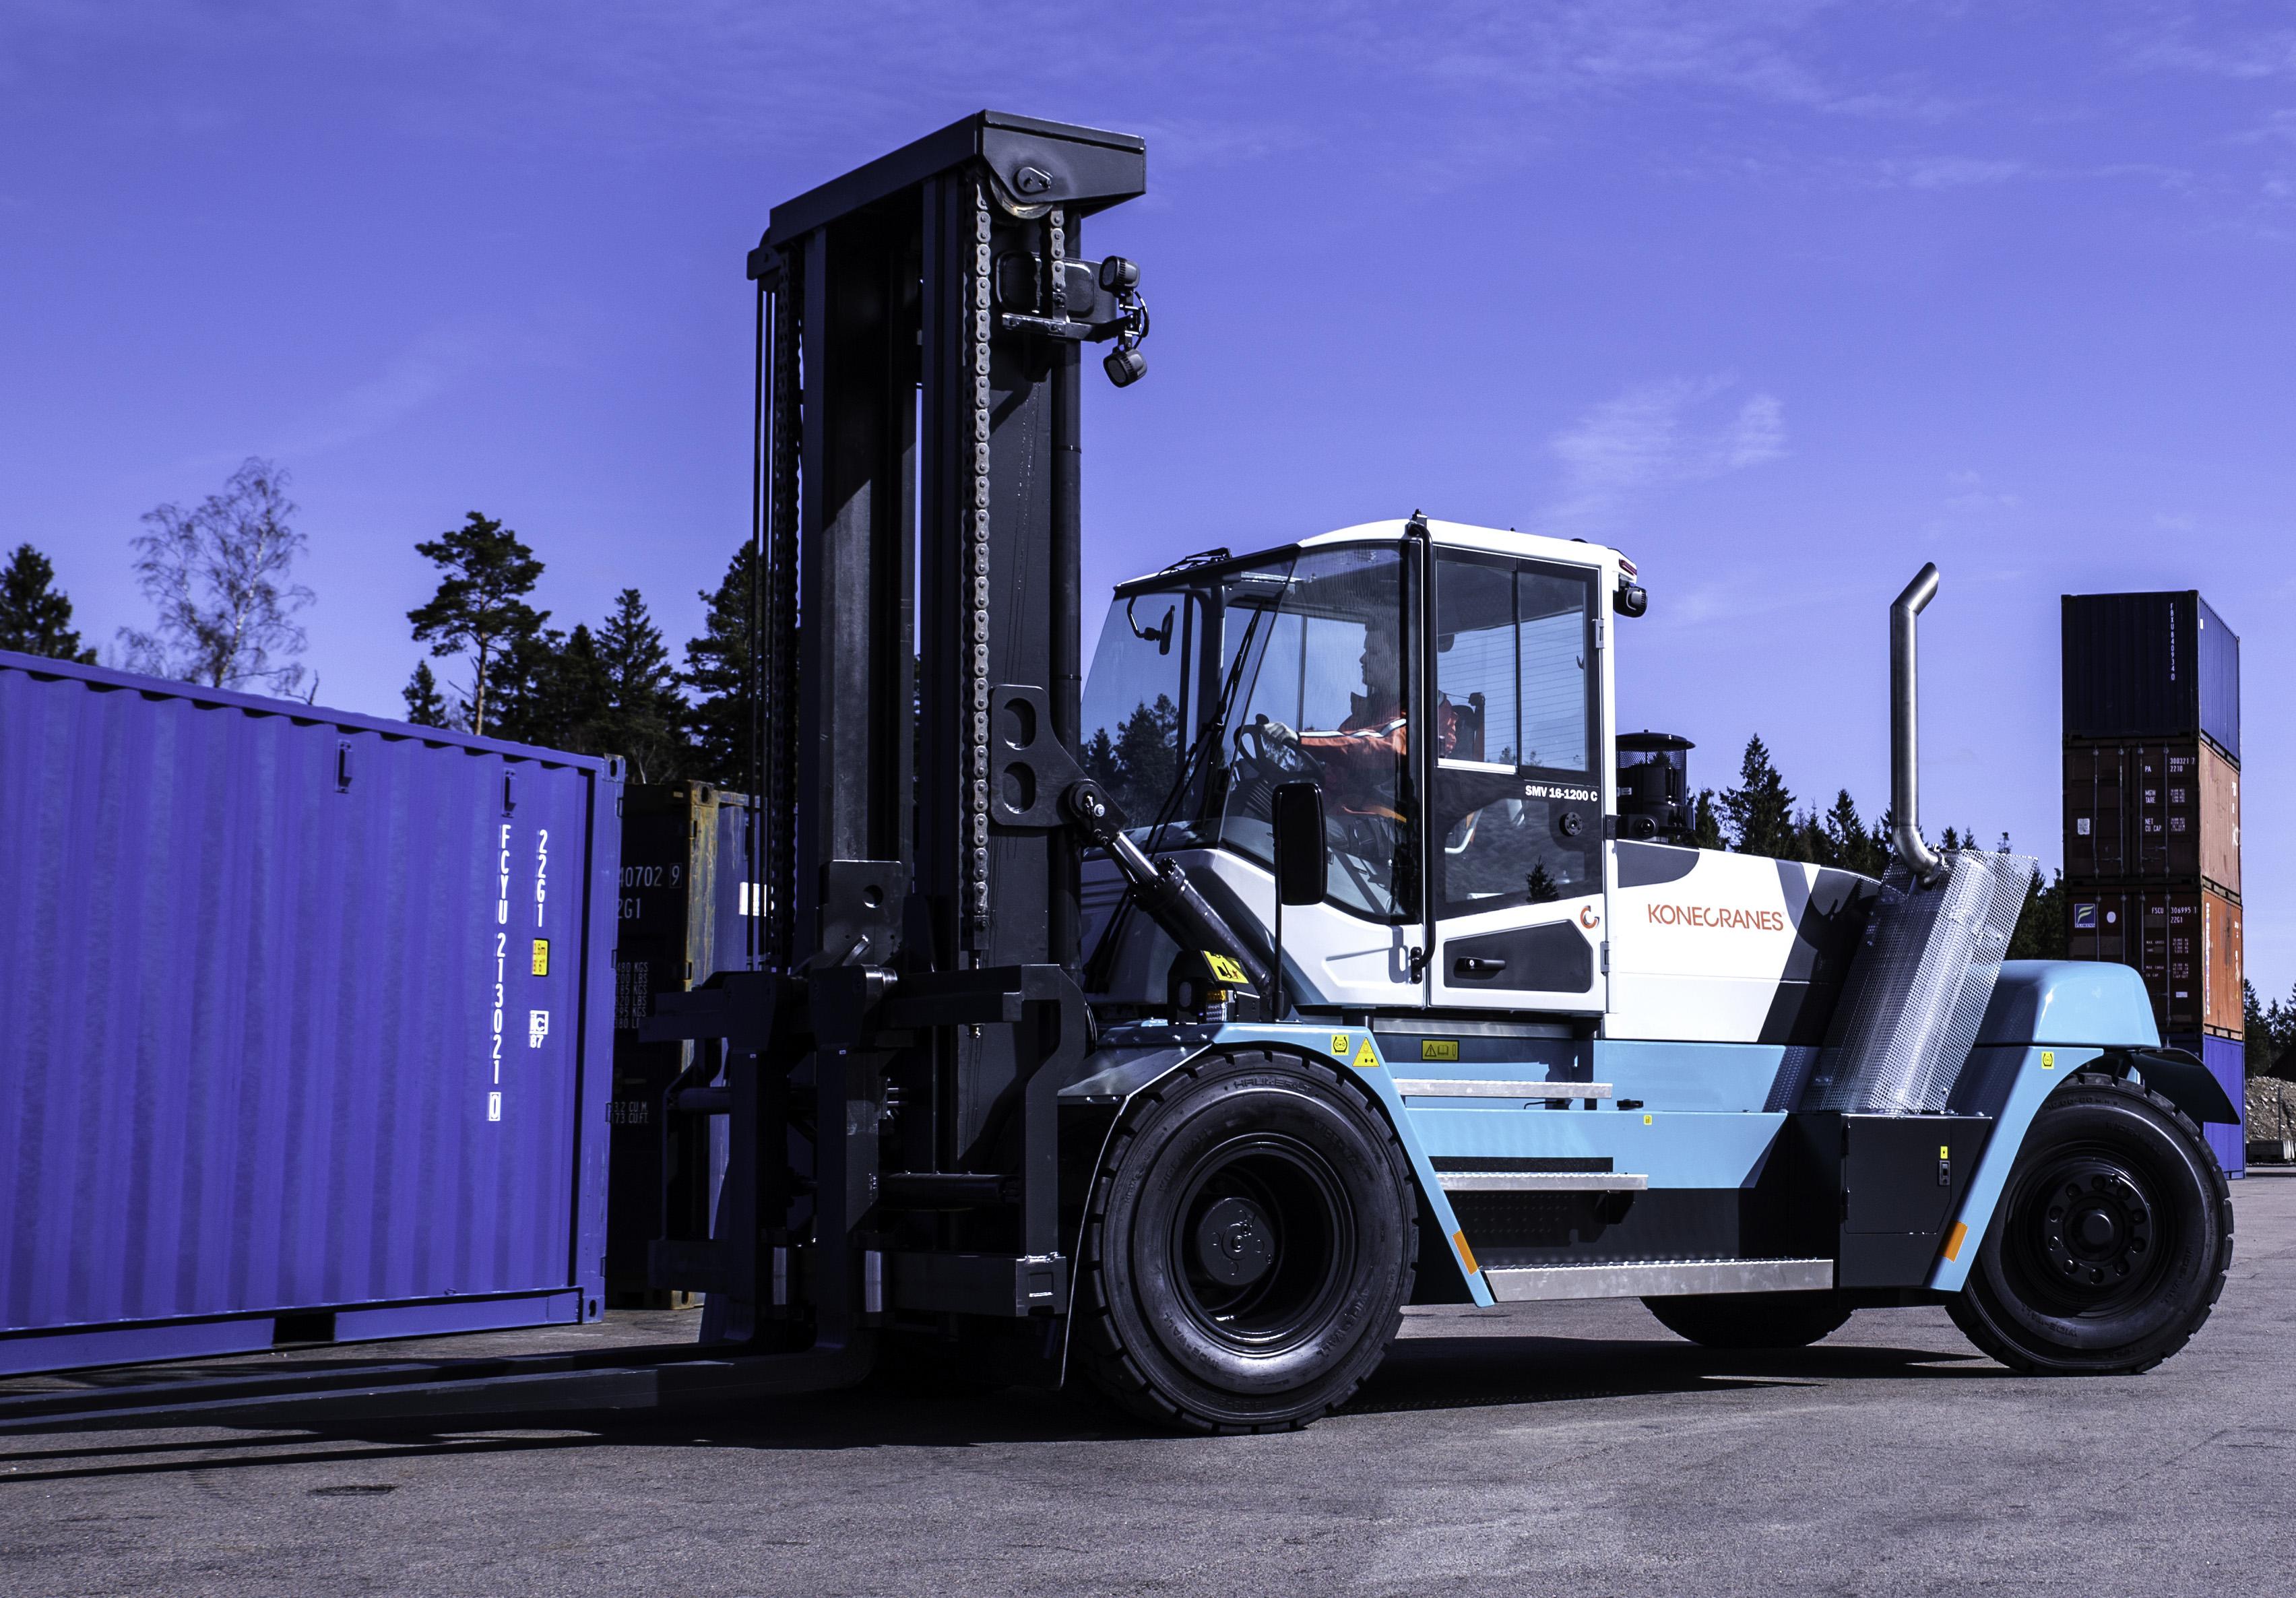 Konecranes Presents Its Next Generation Lift Trucks